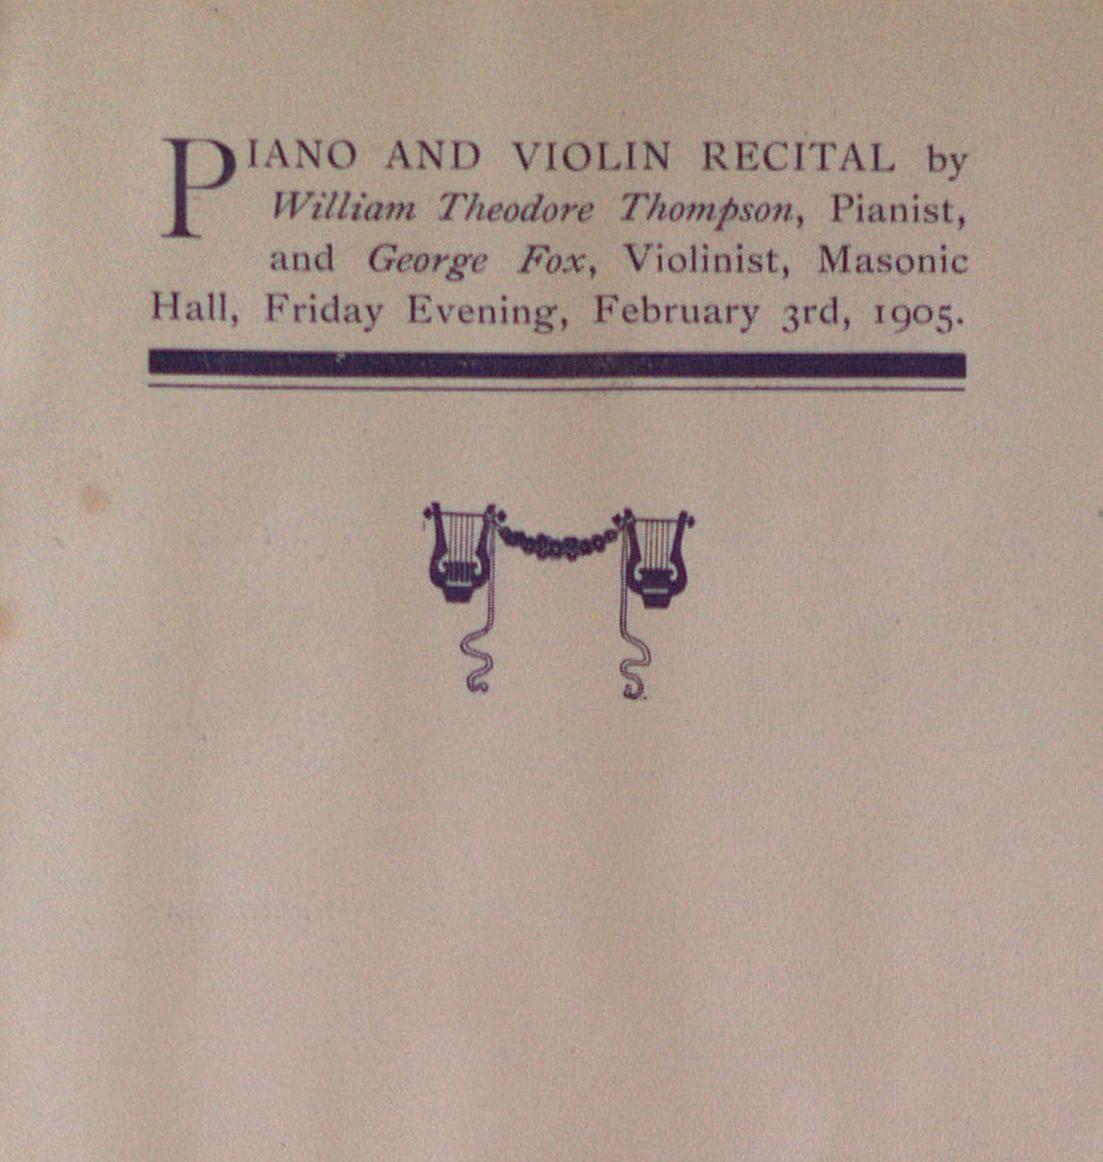 Teresa Vanderburgh's Musical Scrapbook #2 - Program for a Piano & Violin Recital